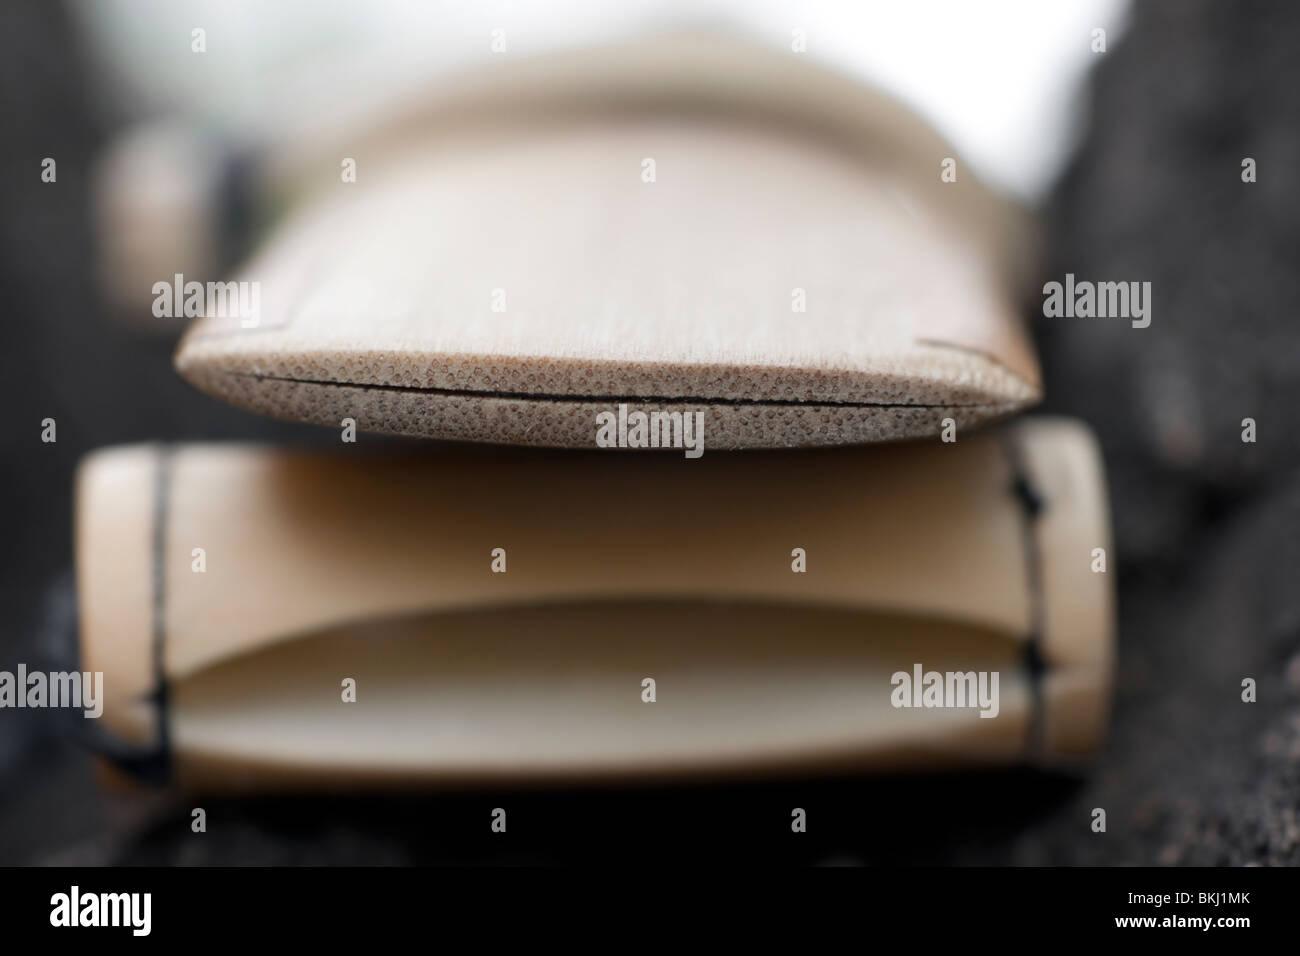 Duduk Stock Photos & Duduk Stock Images - Alamy